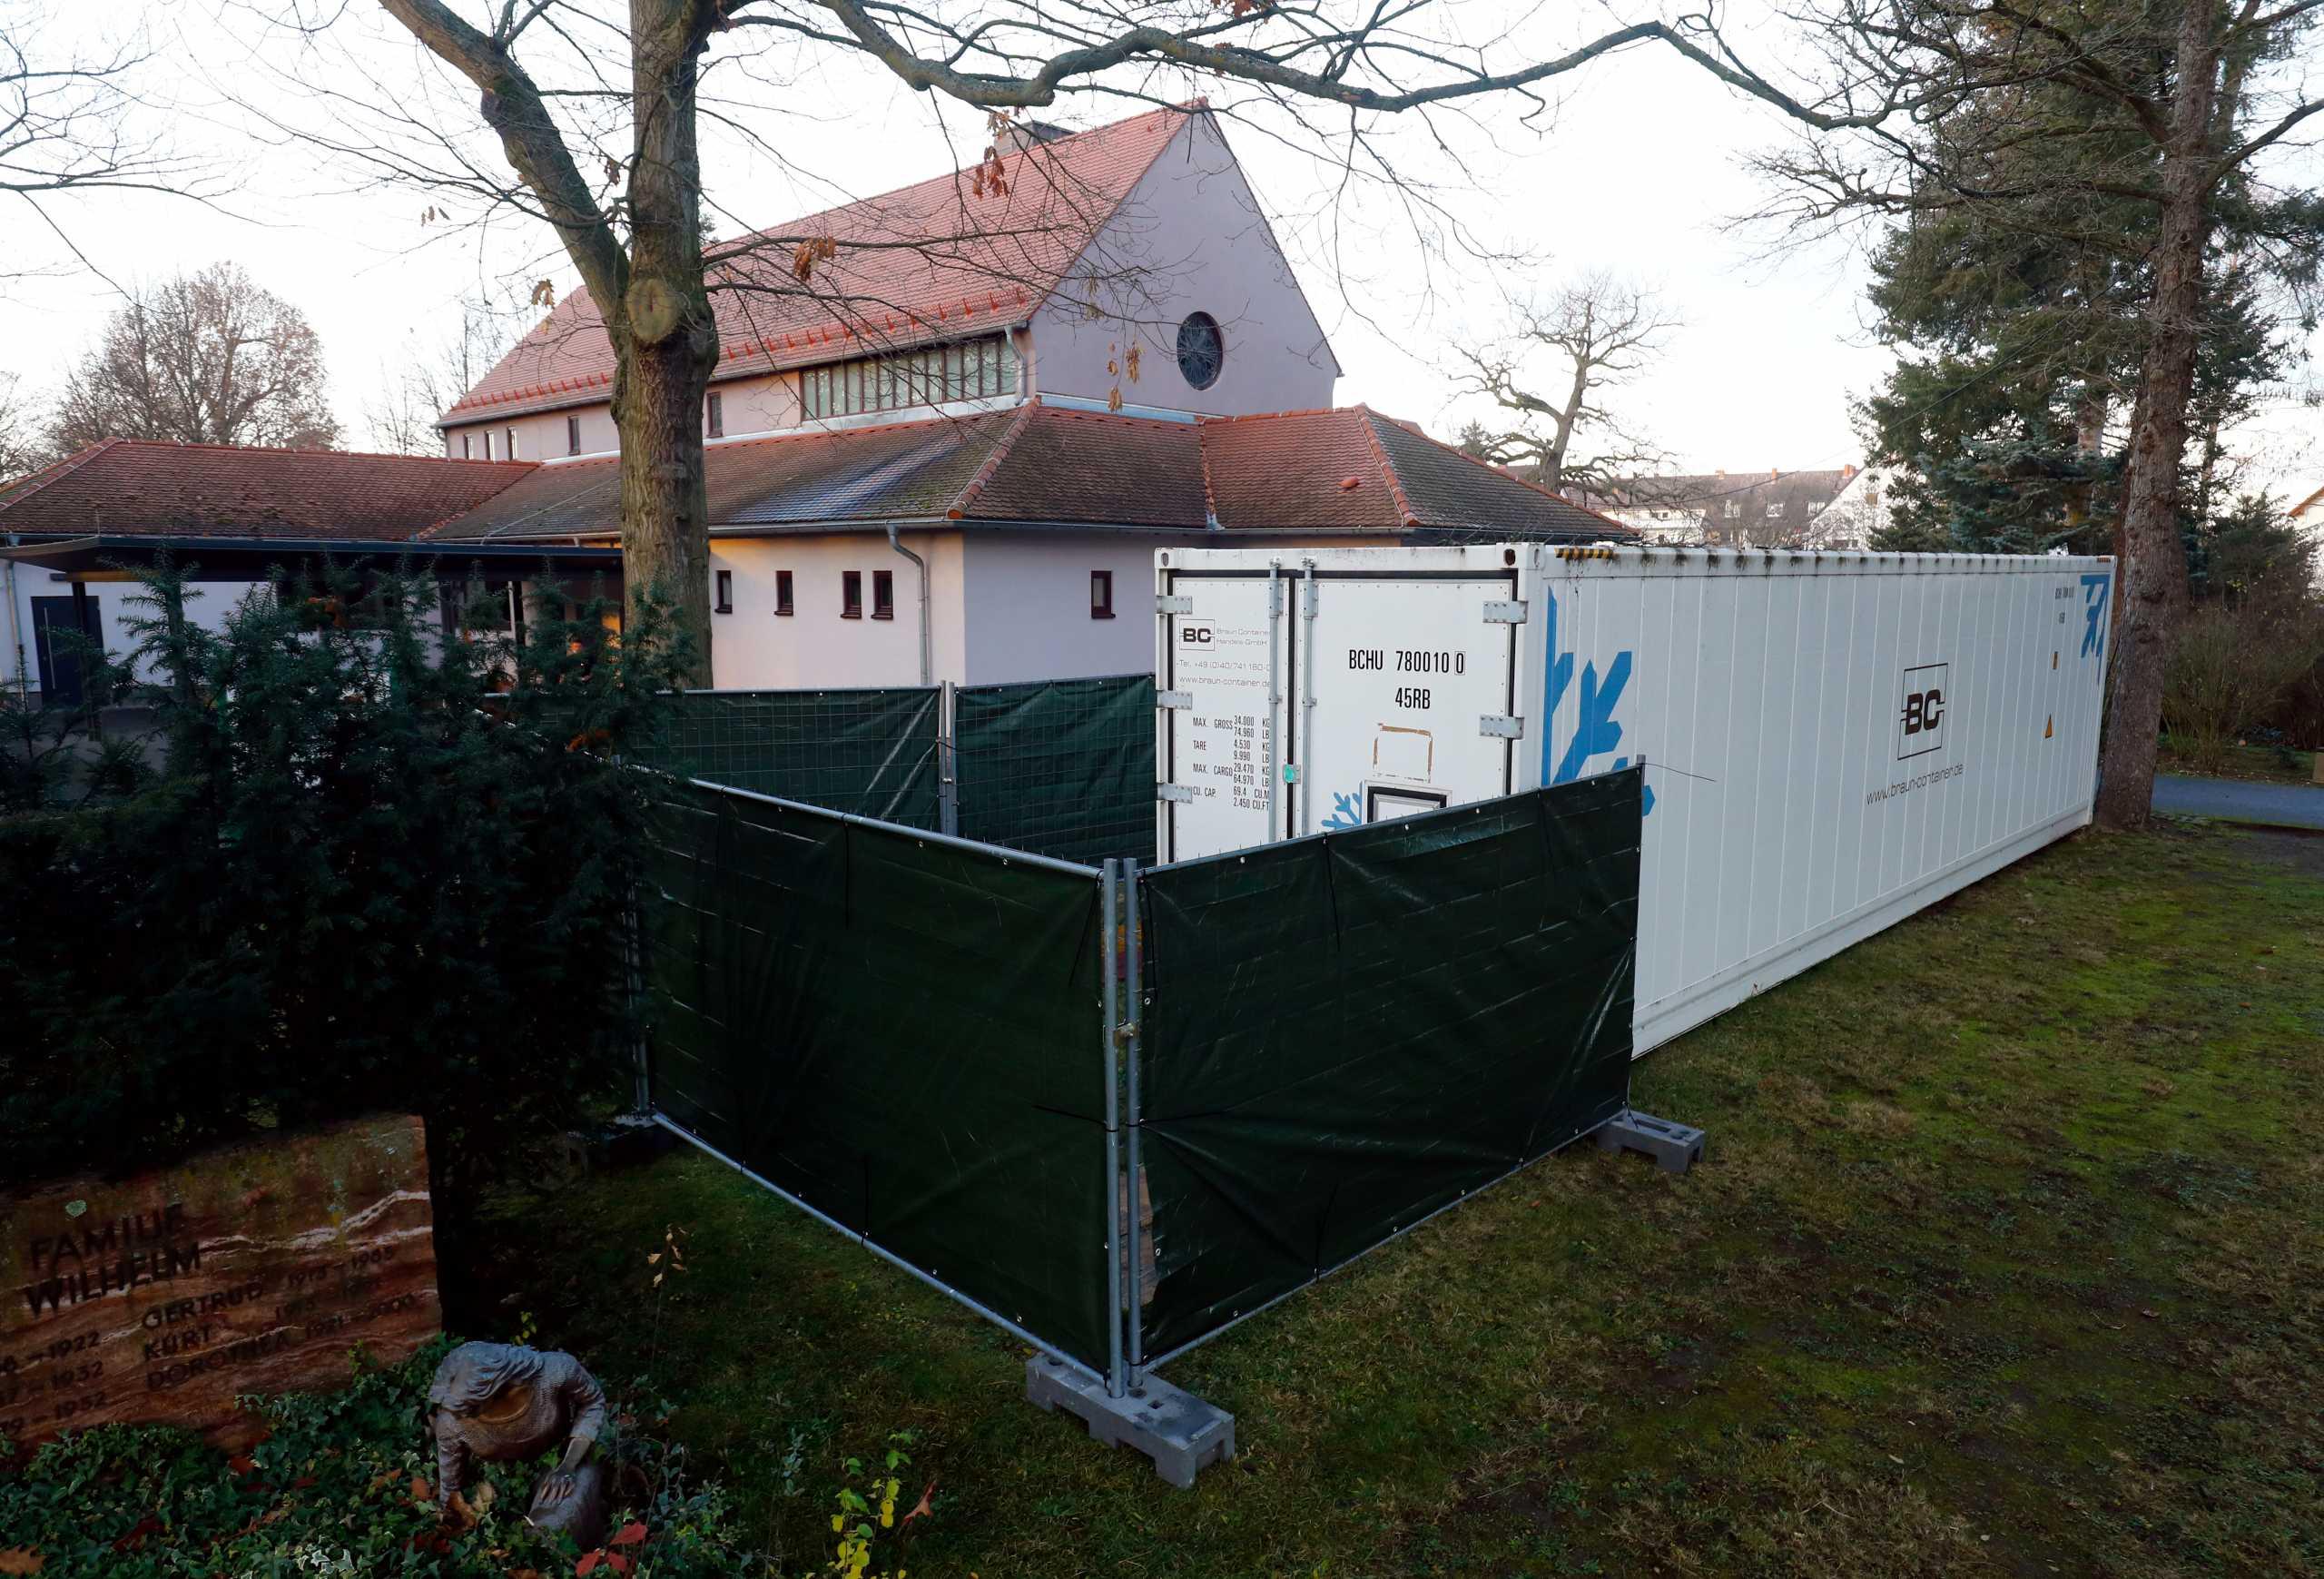 Γερμανία: Γέμισαν τα νεκροτομεία από θύματα κορονοϊού και επιστρατεύουν κοντέινερ